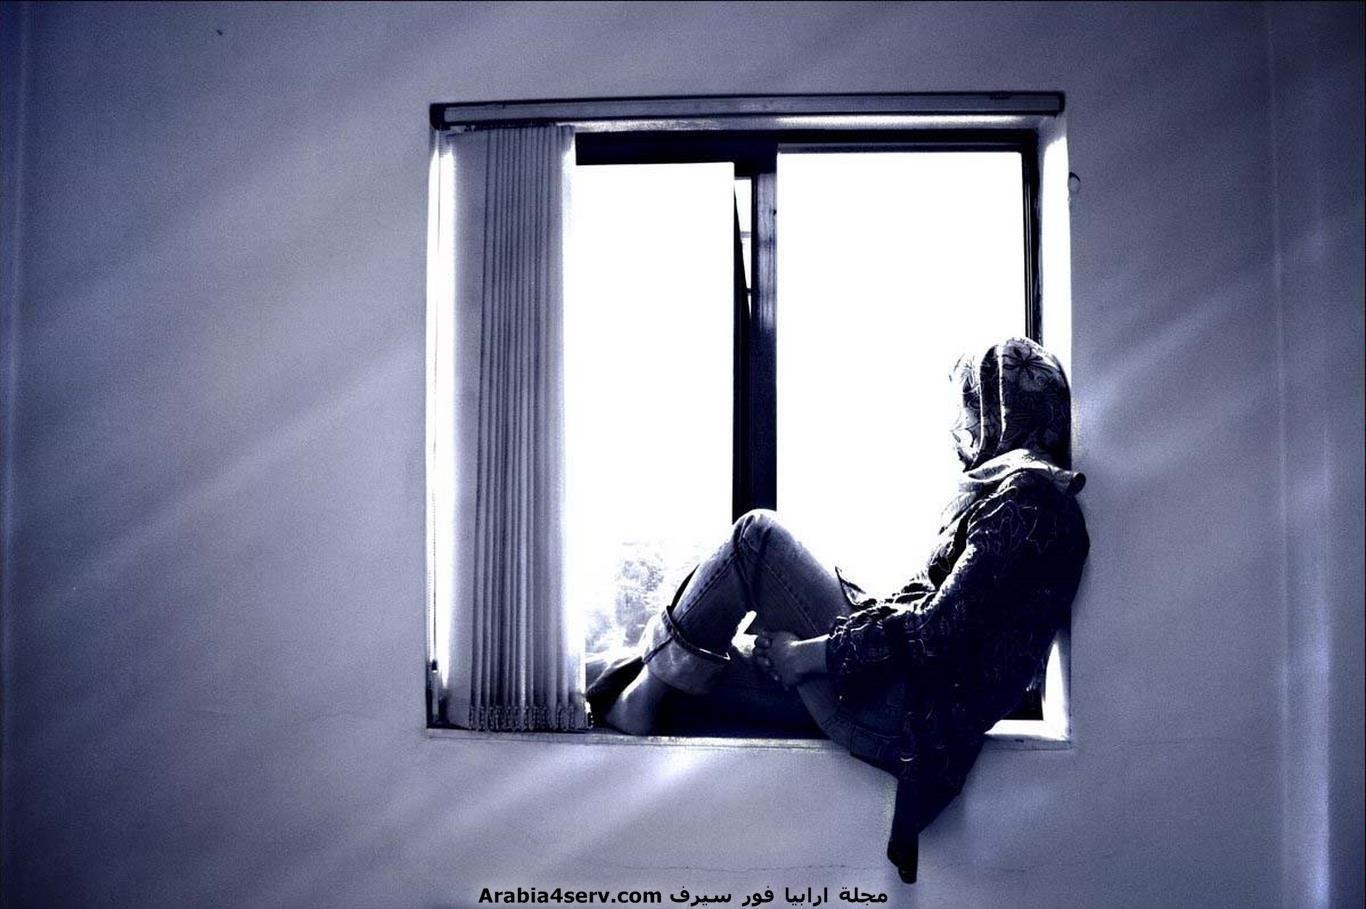 خلفيات-وحدة-بنات-رومانسية-حزينة-لسطح-المكتب-10